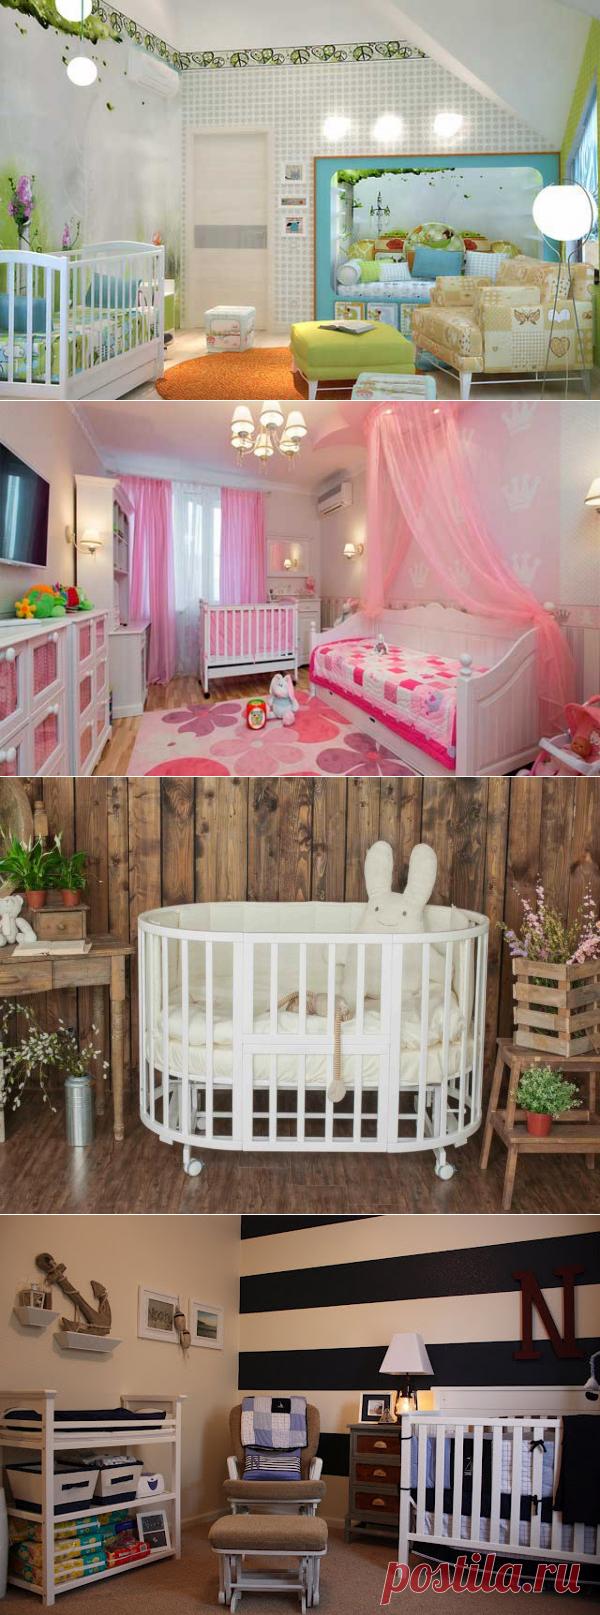 Детская комната для новорожденного ребенка: что важно знать